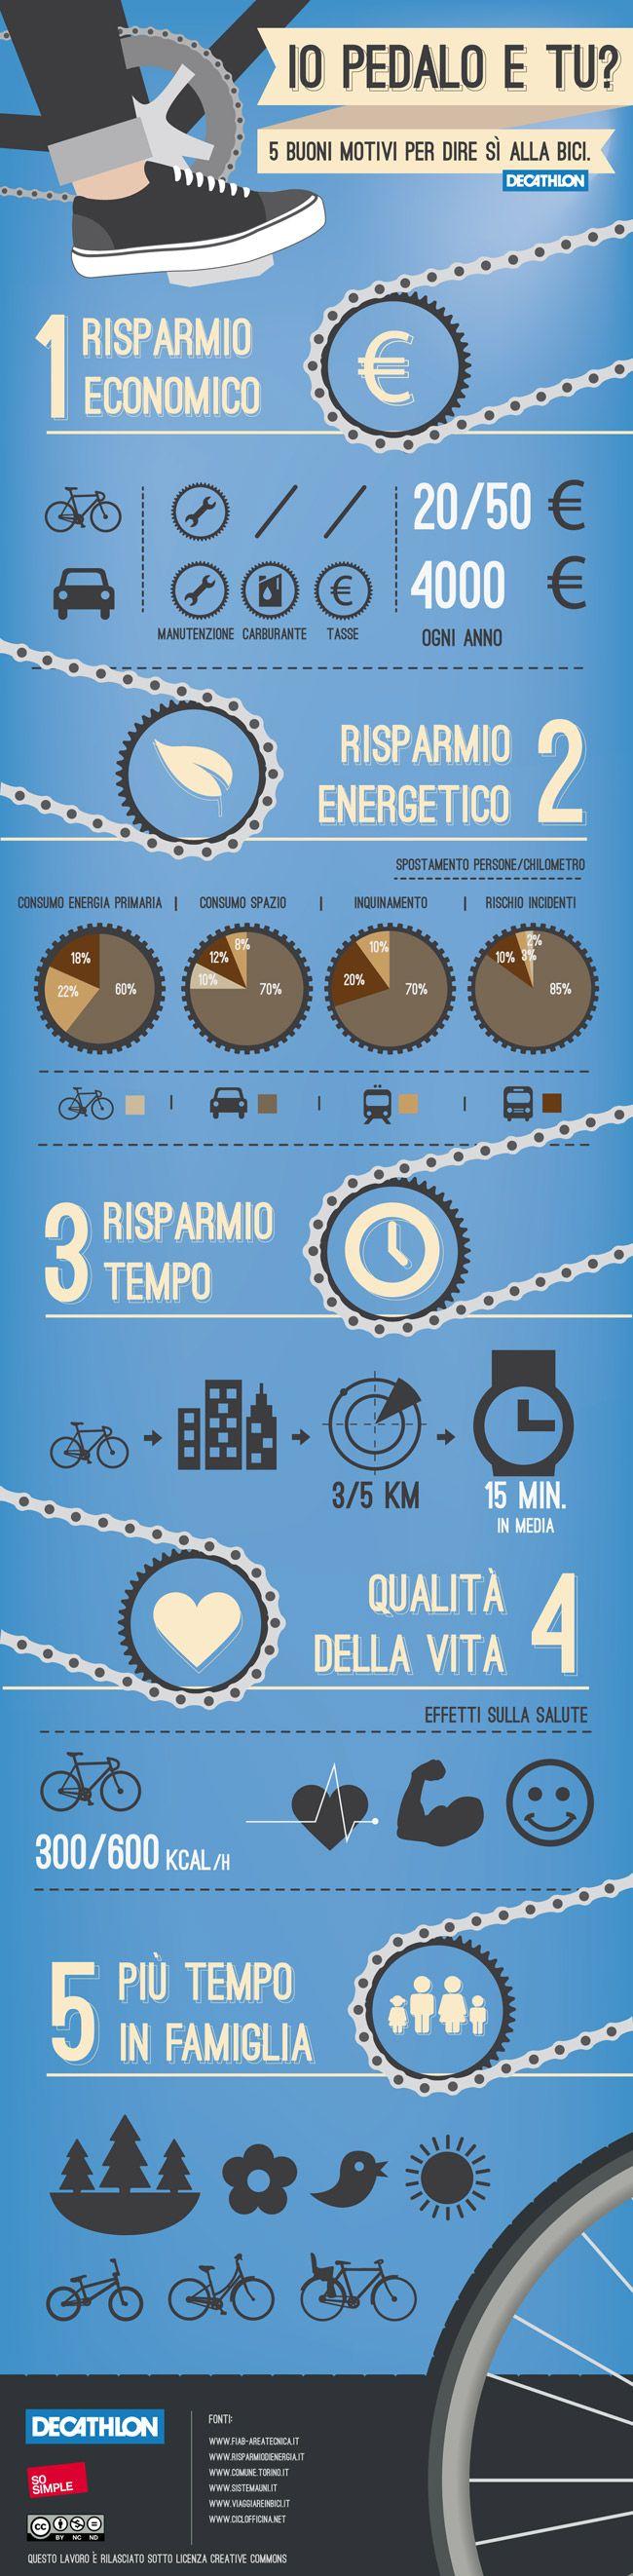 5 buoni motivi per andare in Bicicletta